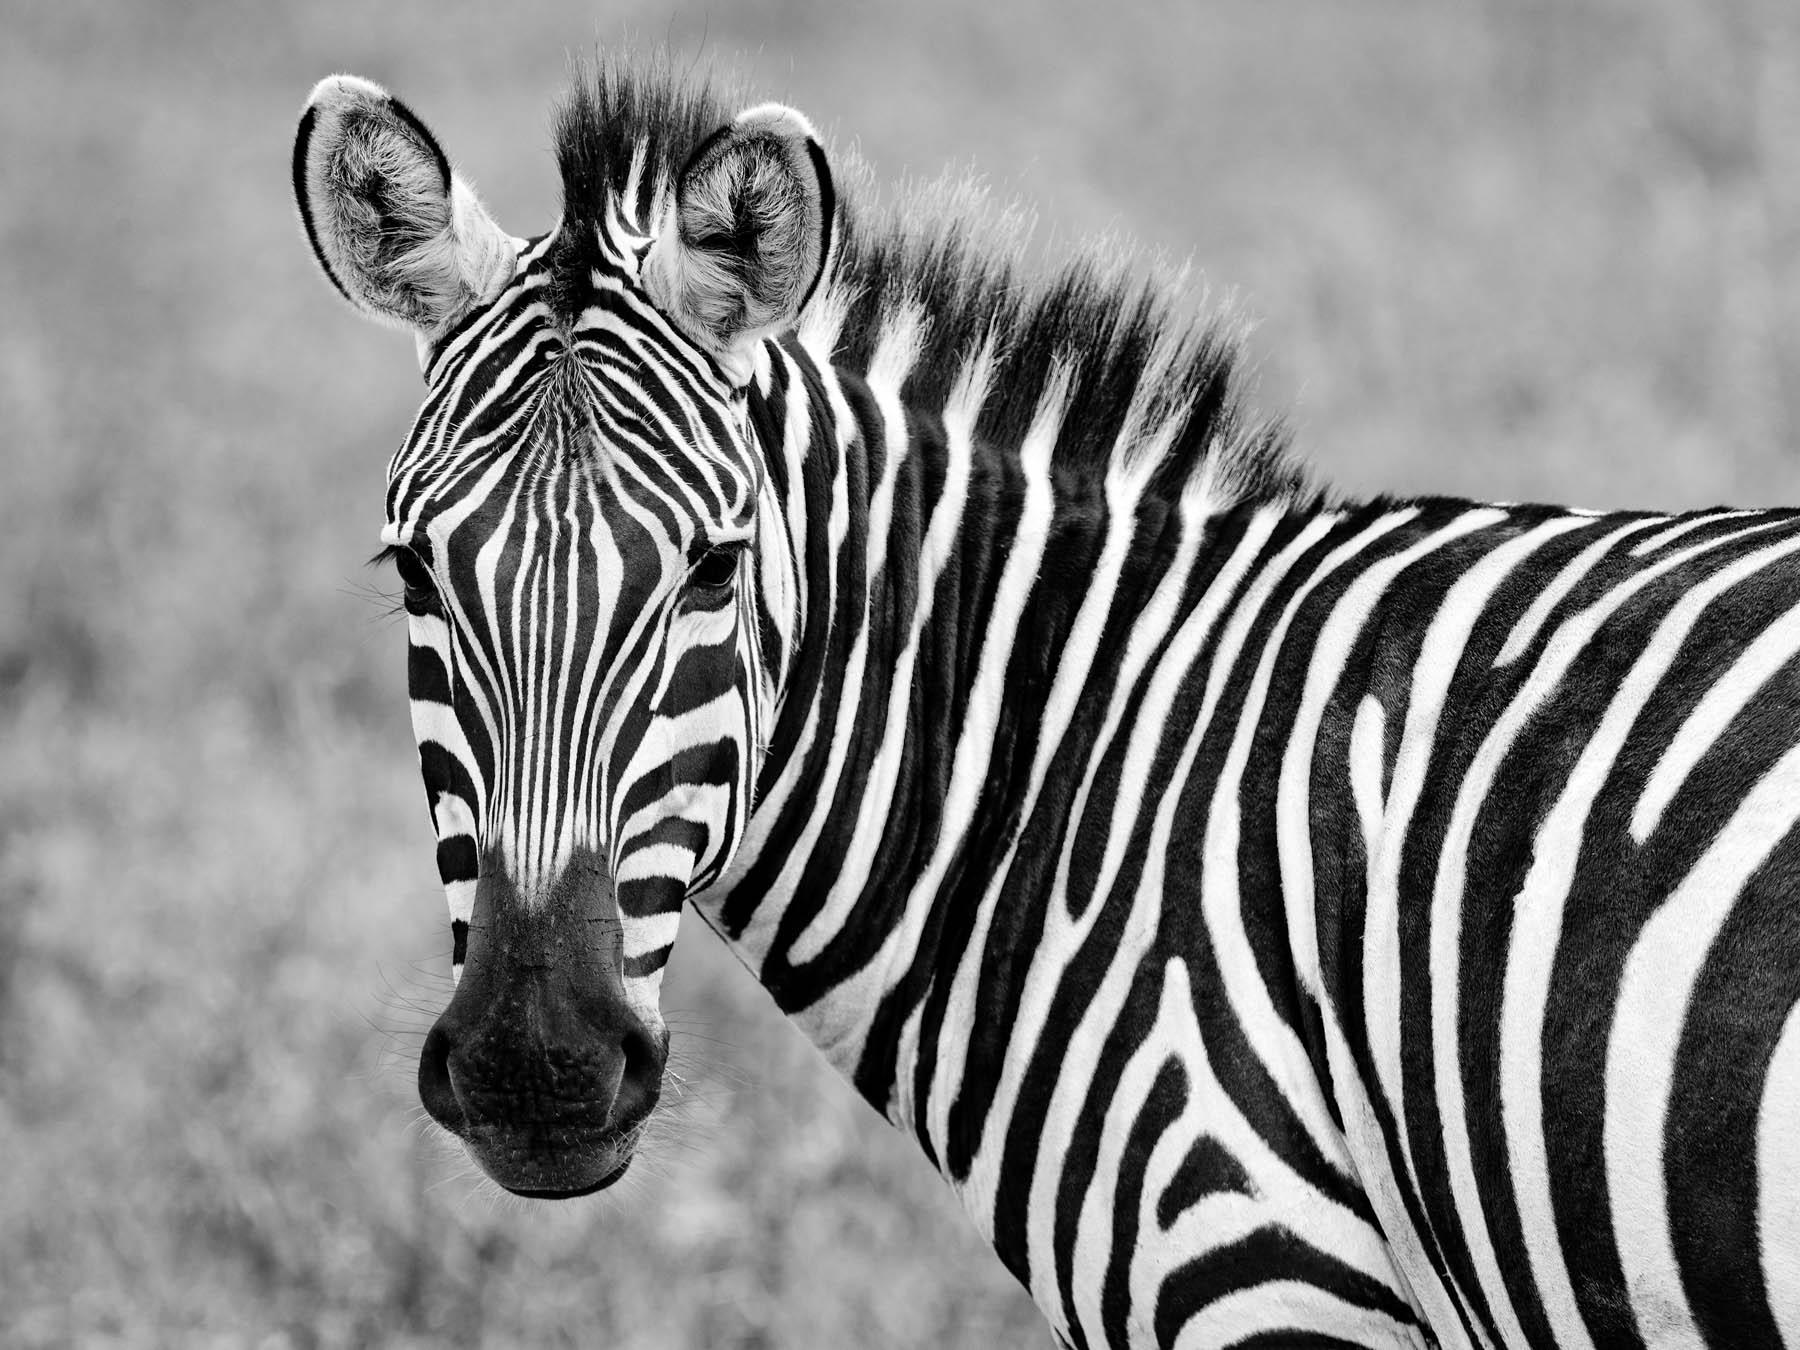 Close up view of a zebra, Tanzania, Africa.